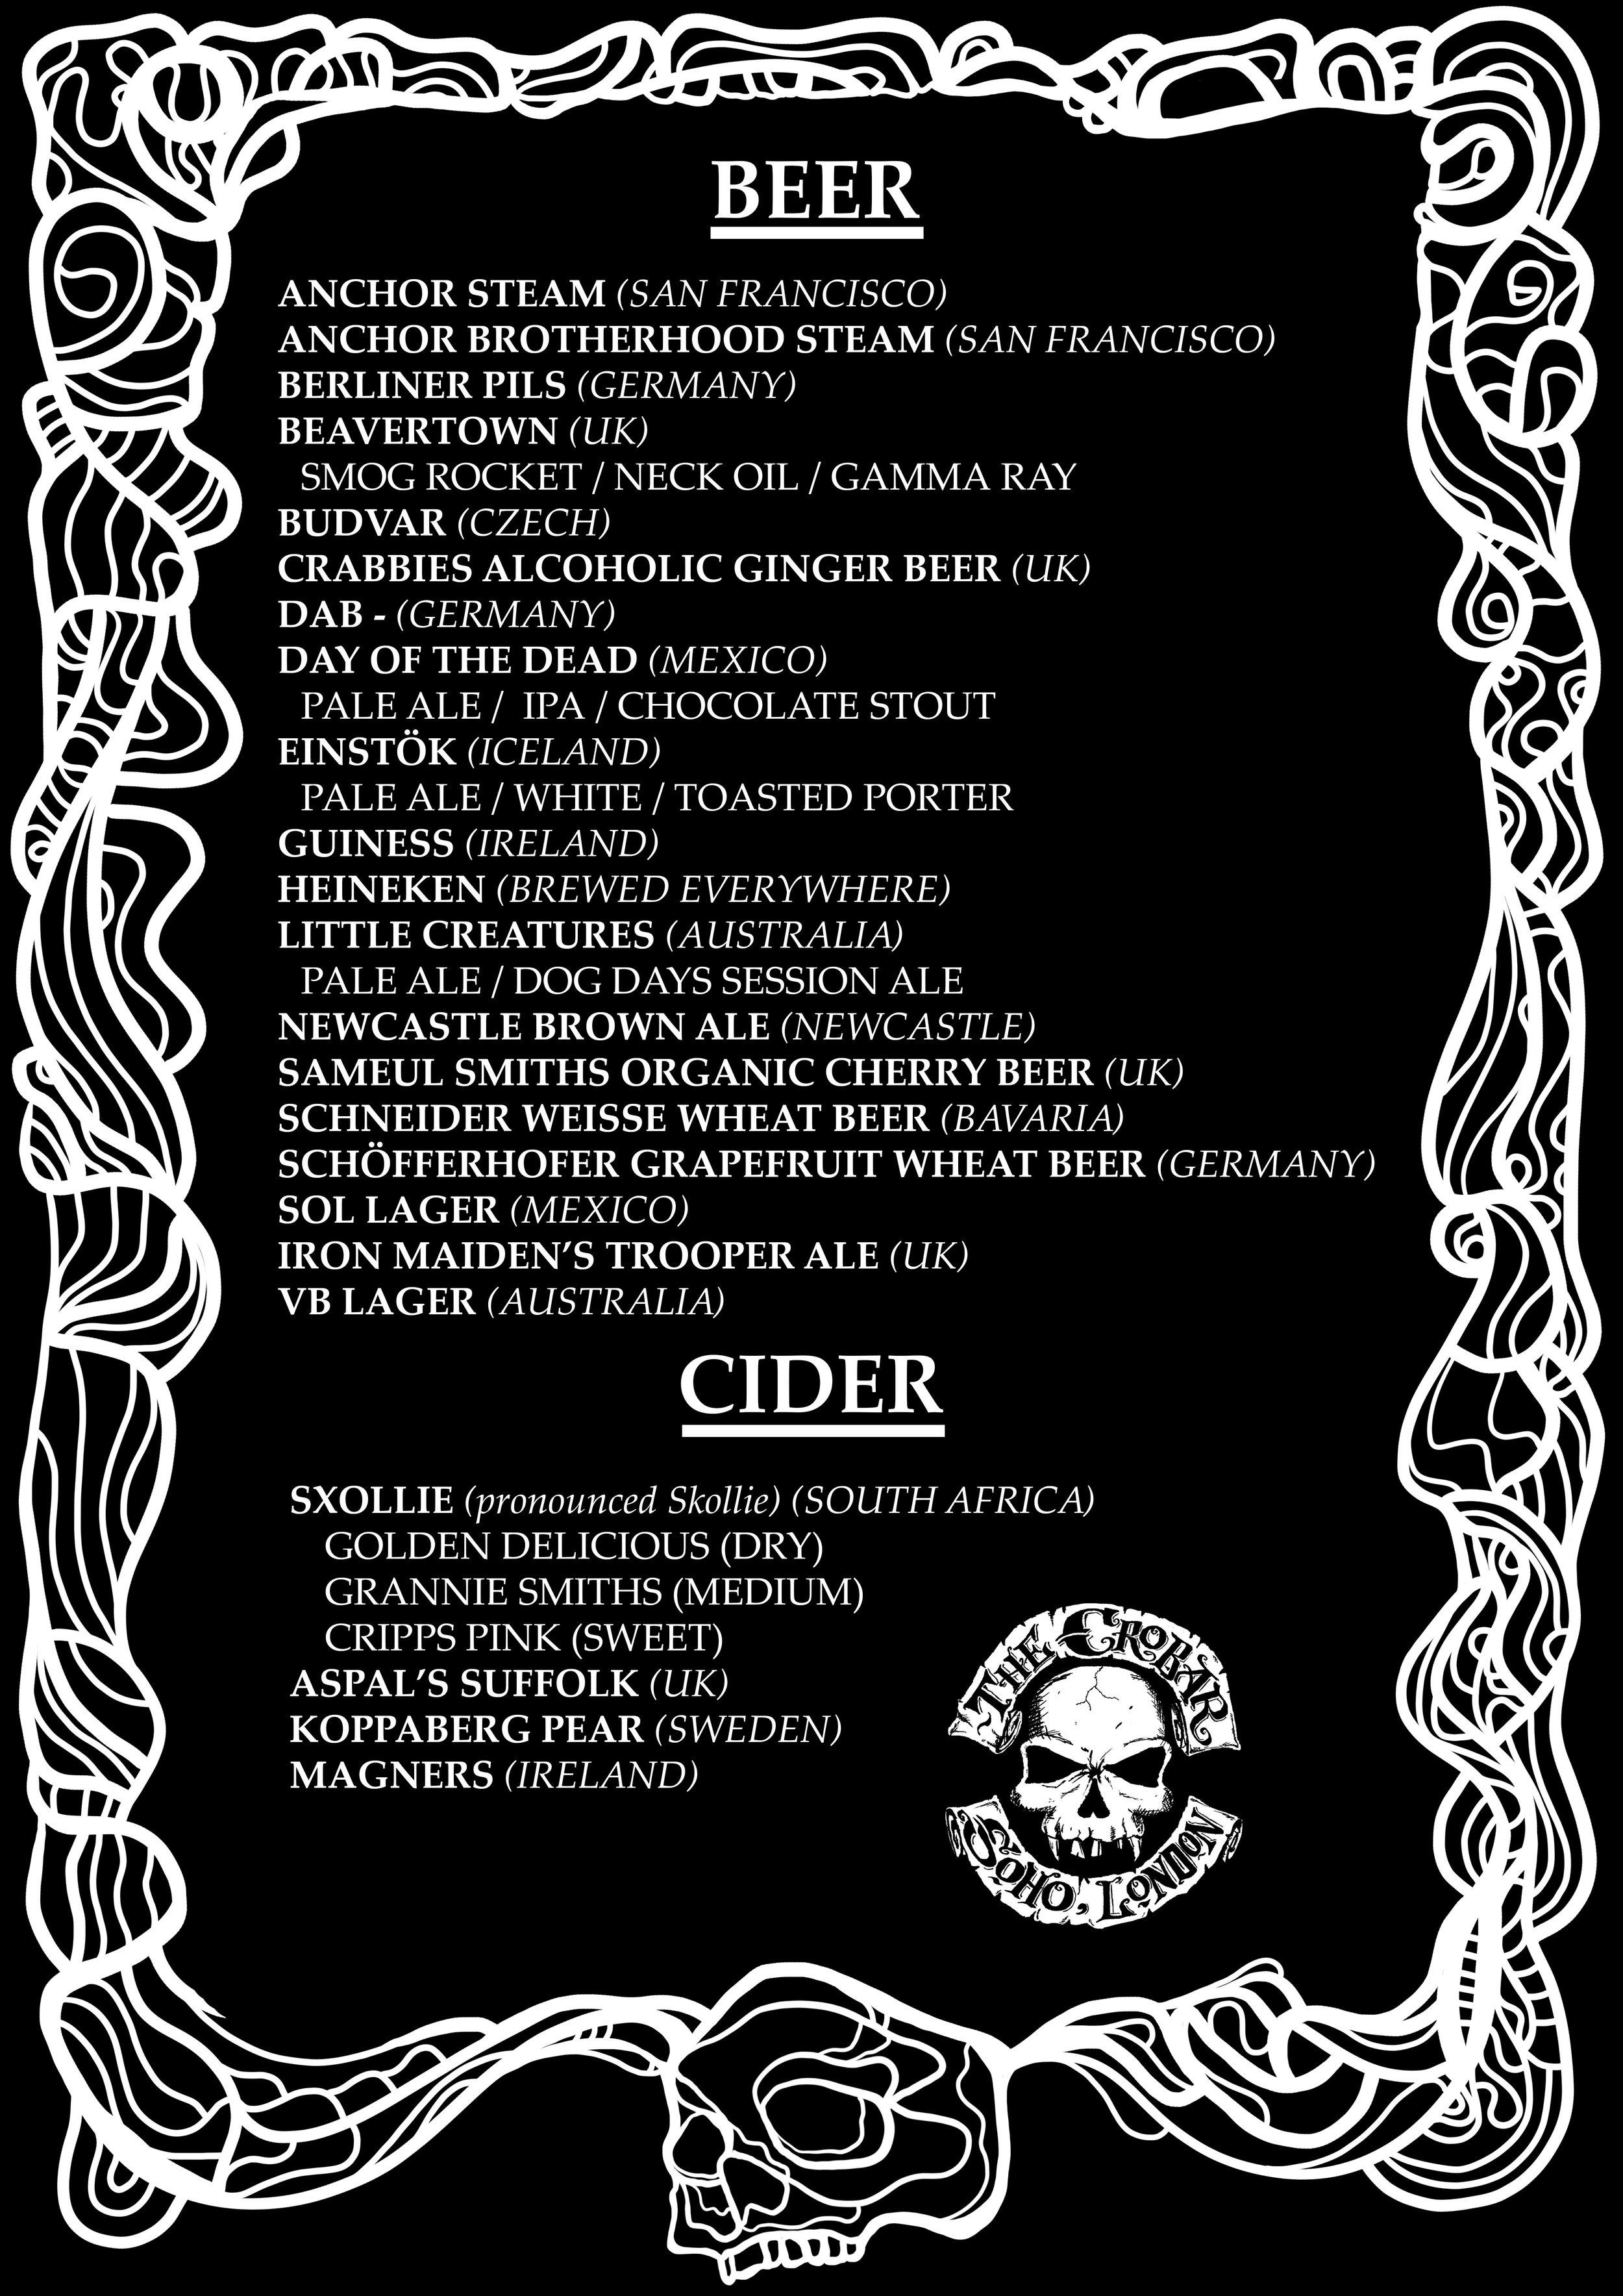 Beer-and-Cider-Upload-Website-Latest.jpg